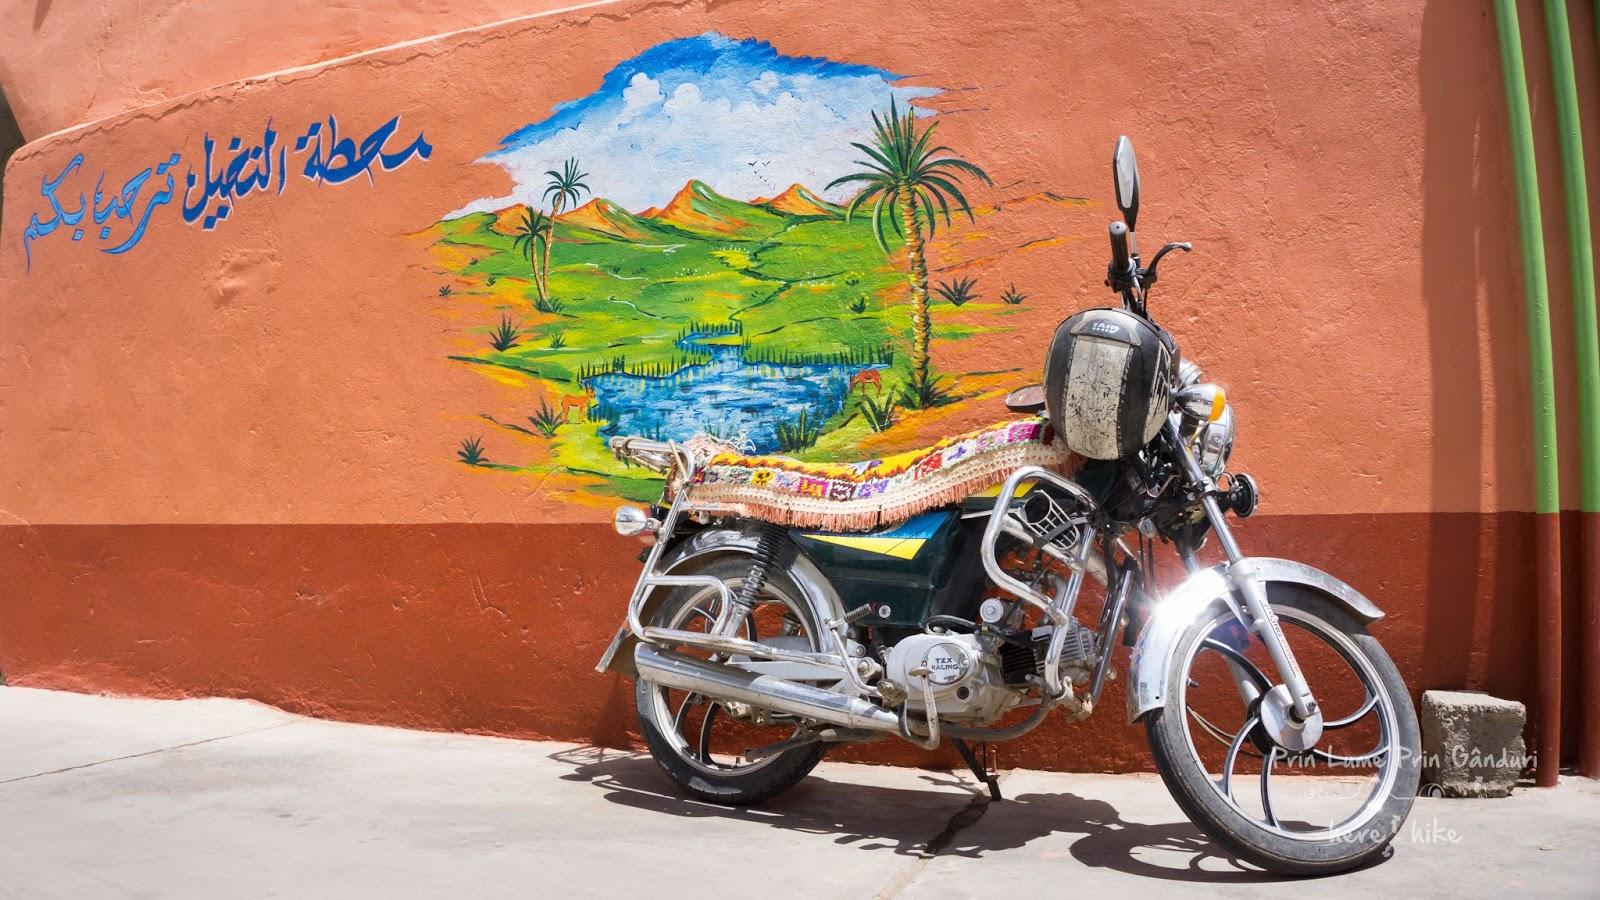 Intalnirea omului marocan)